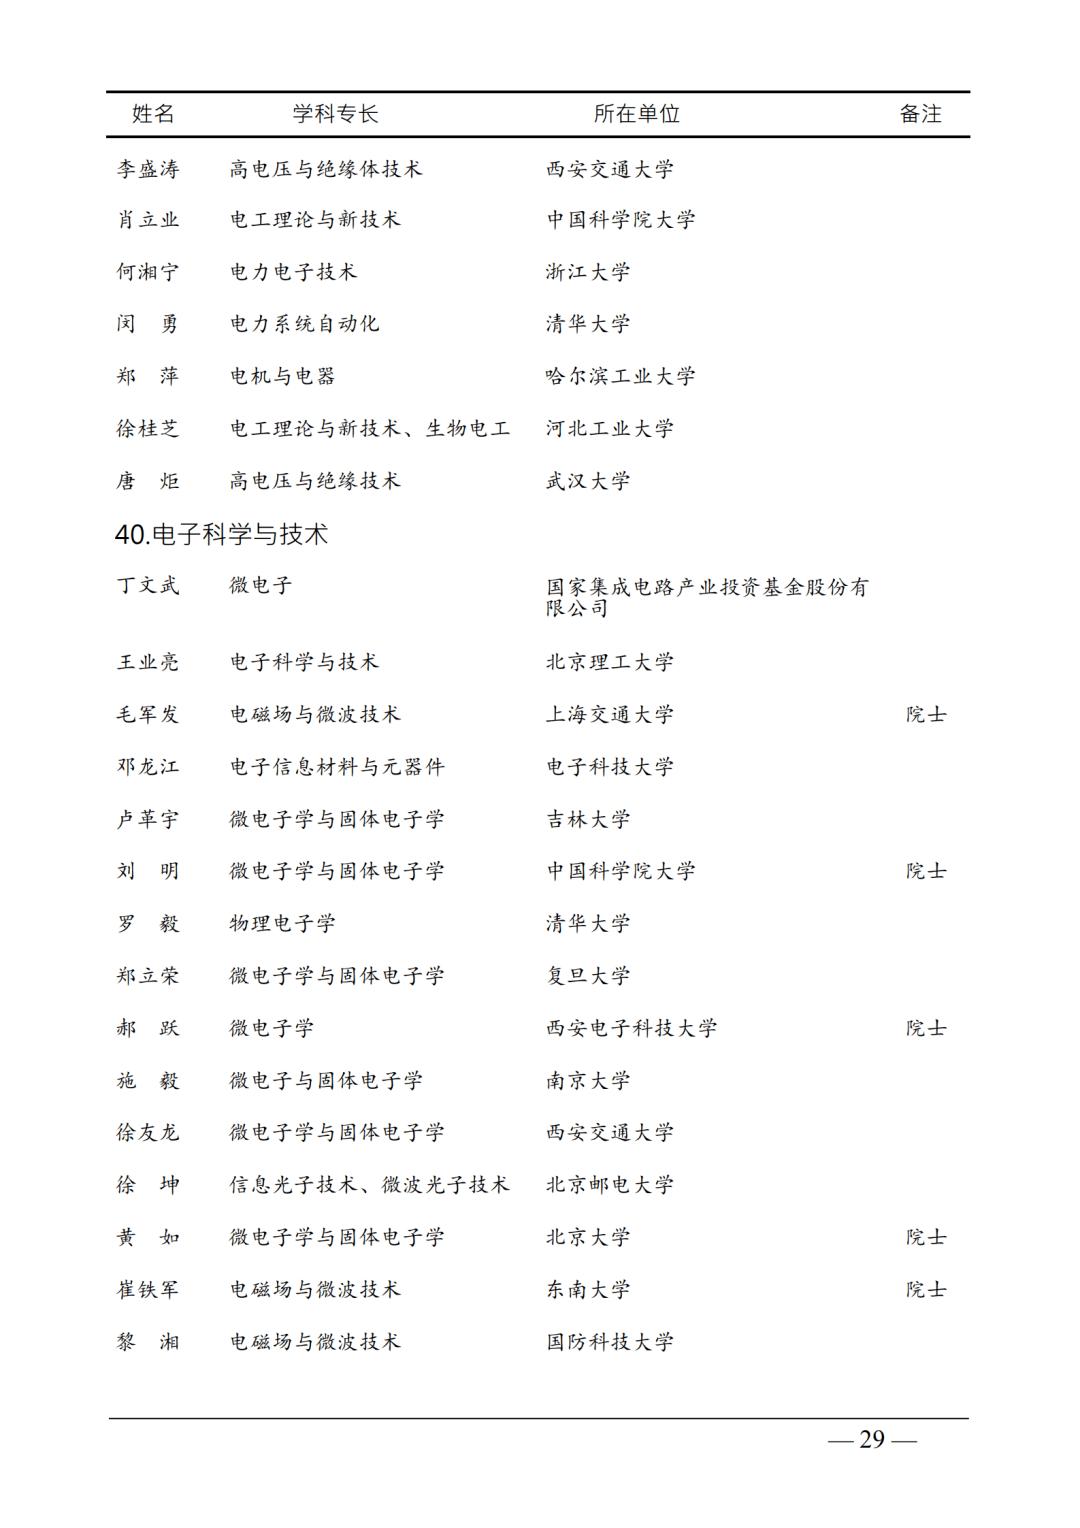 国务院学位委员会第八届学科评议组成员名单